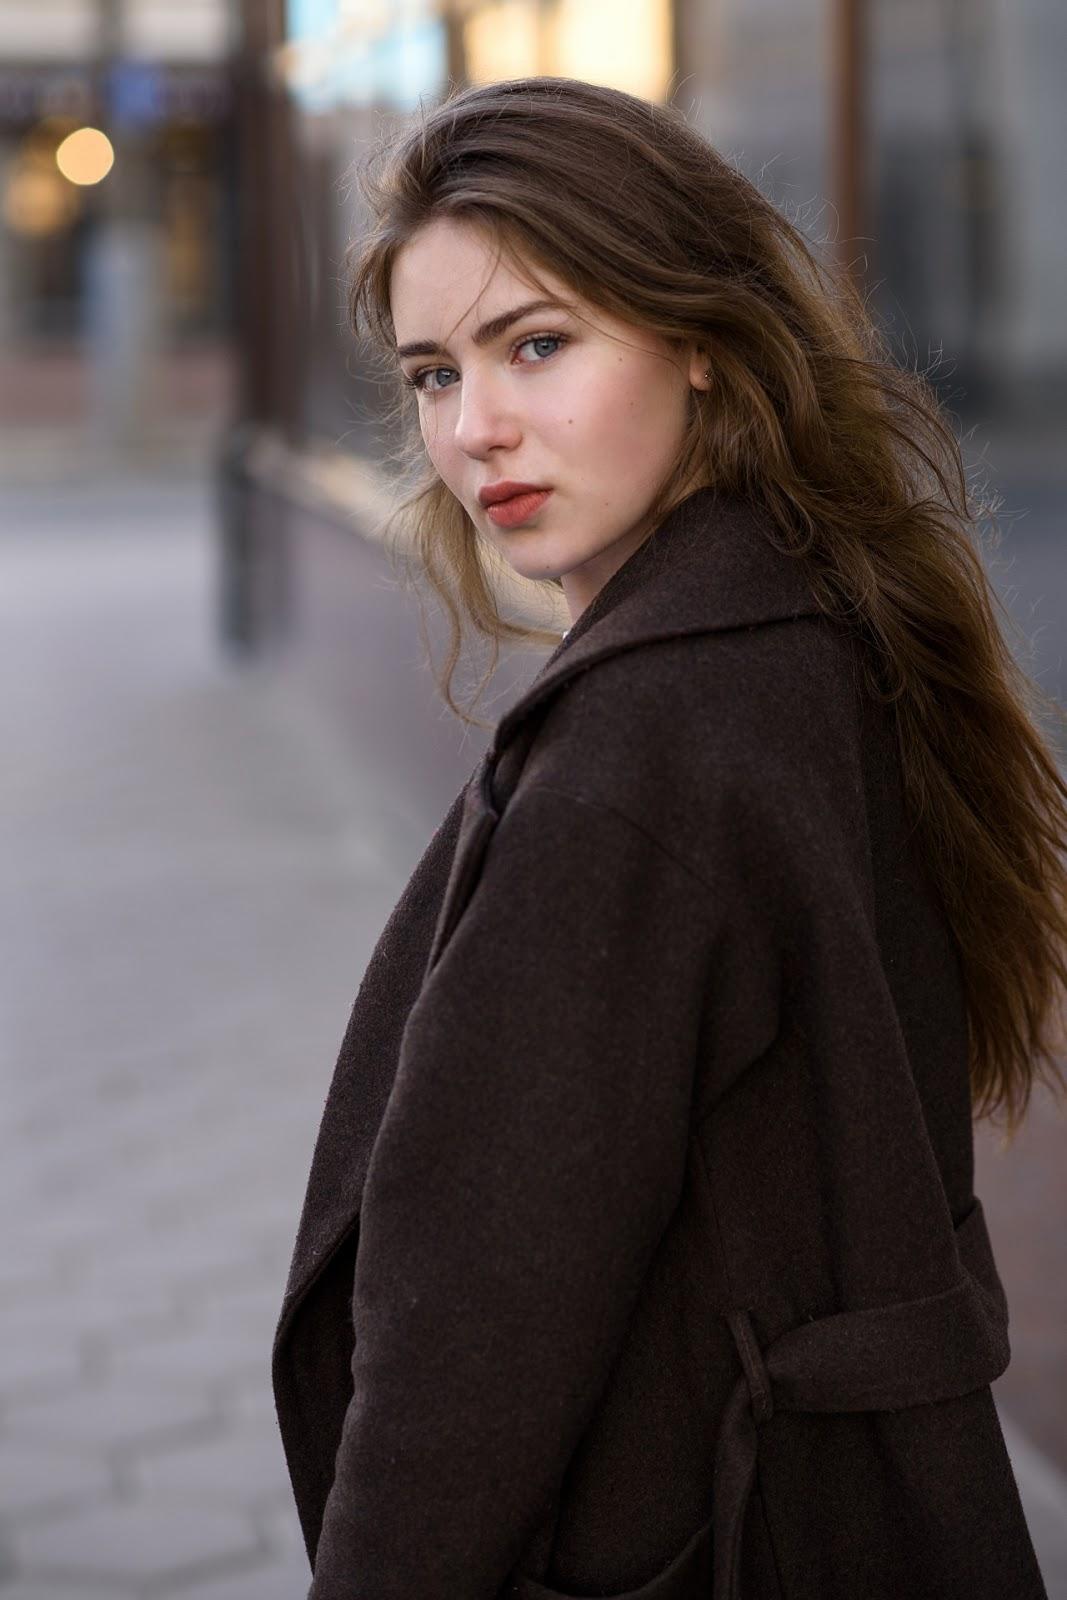 Алина. Городской портрет